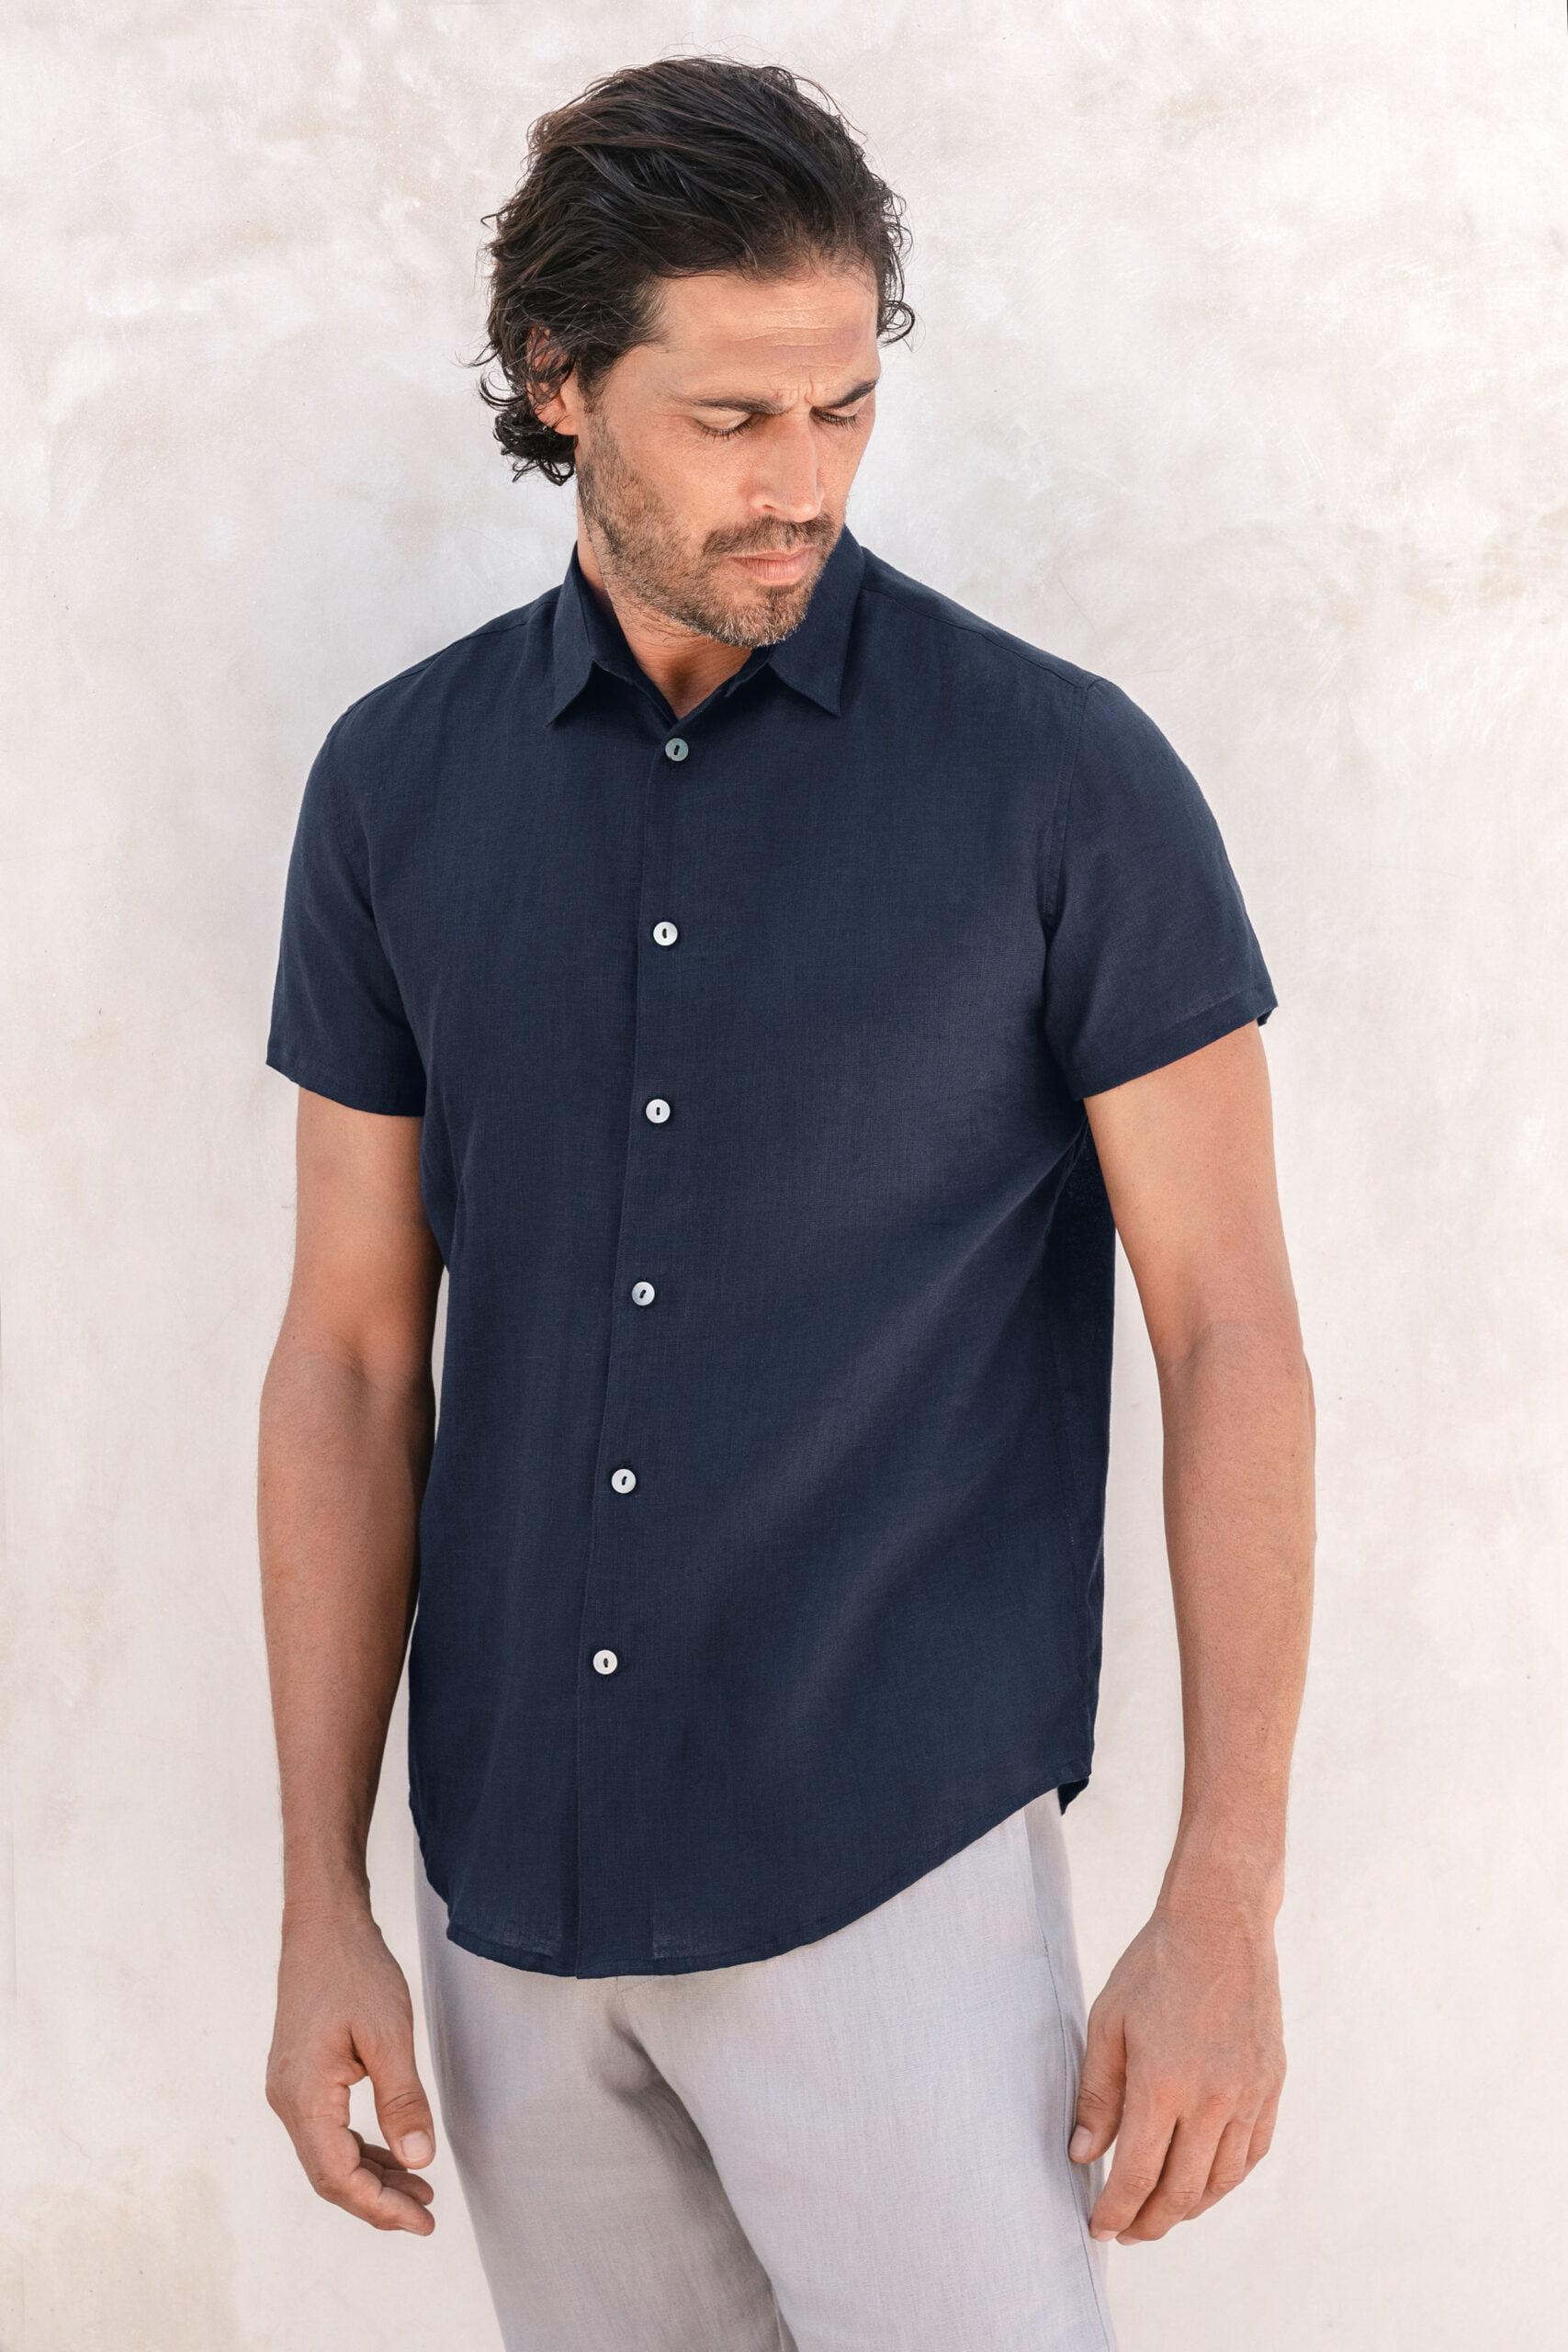 Moln linen shirt midnight navy